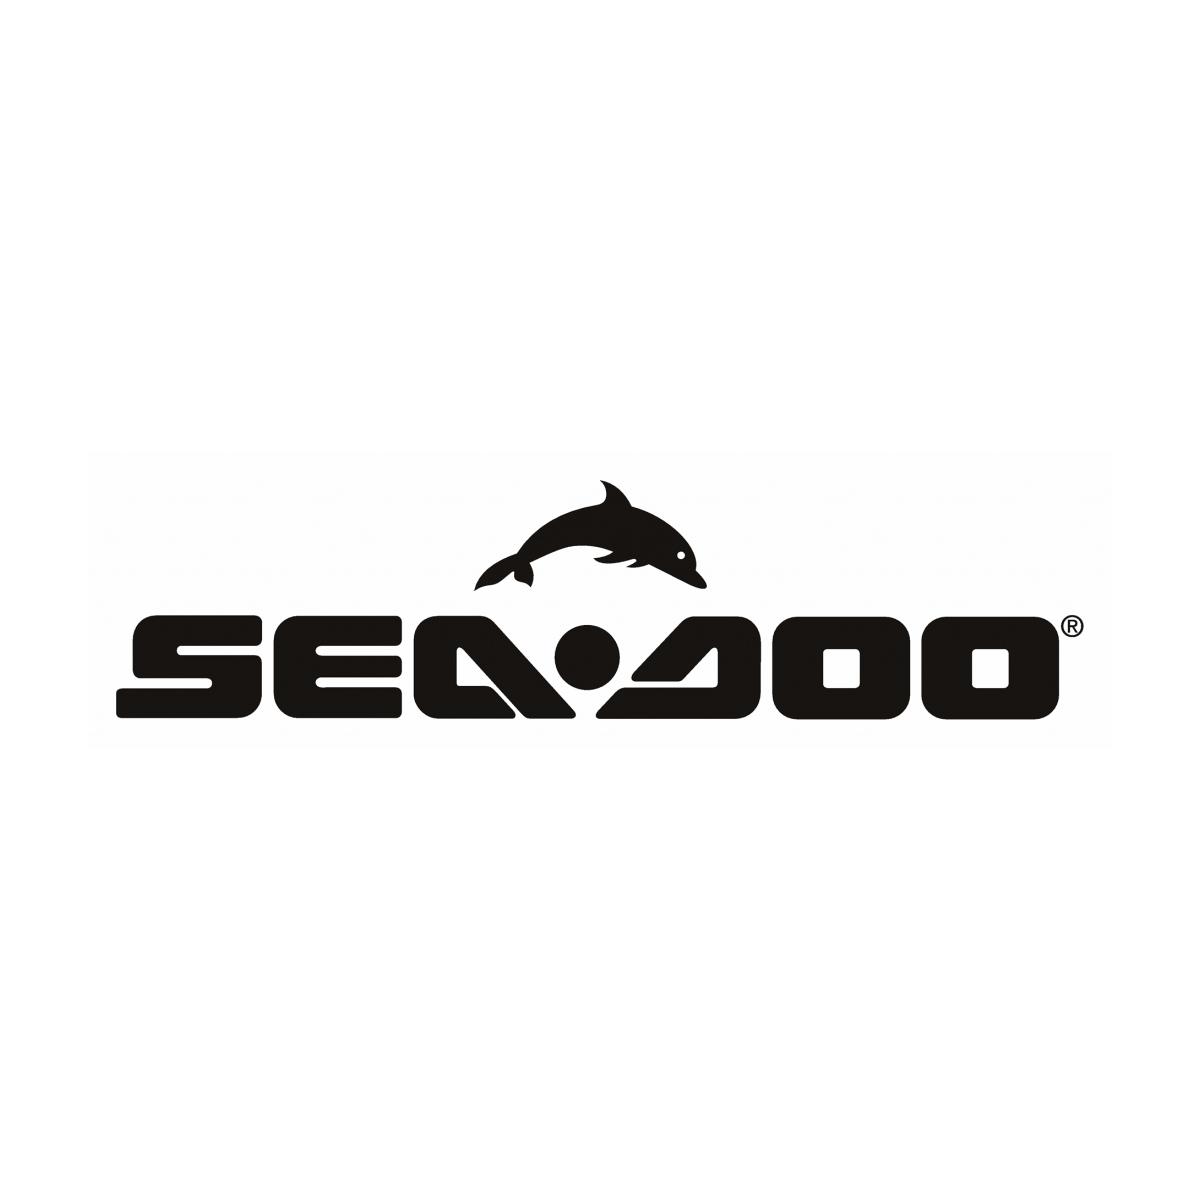 Anel Segmento Inferior Jet Ski Sea Doo 950 STD Original  - Radical Peças - Peças para Jet Ski